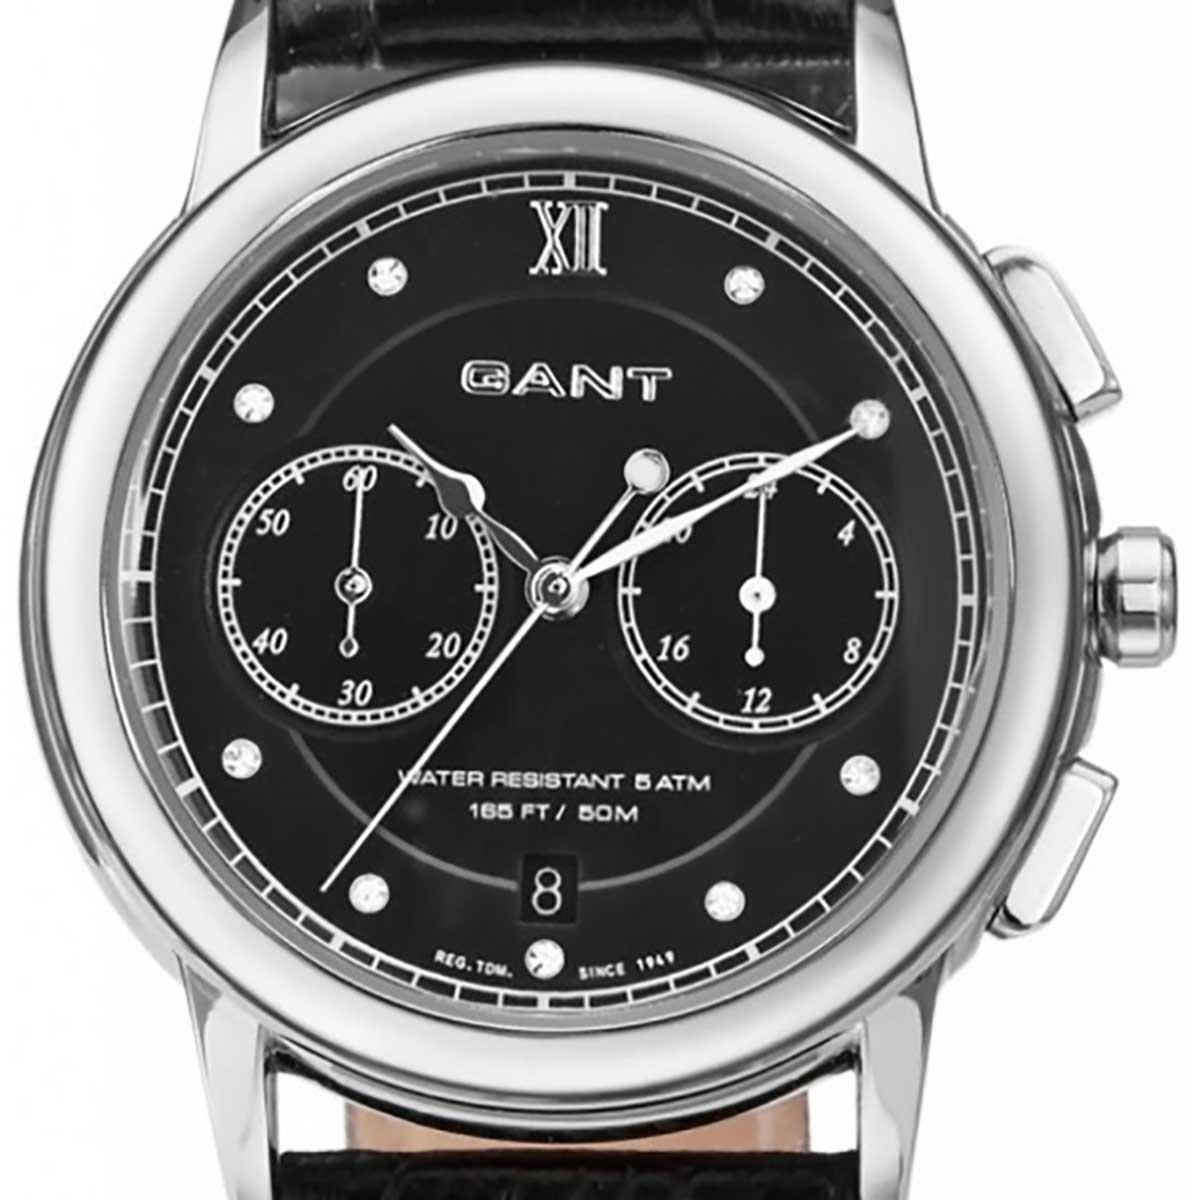 【残り1点】GANT ガント 電池式クォーツ 腕時計 [W70221] 並行輸入品 デイト クロノグラフ